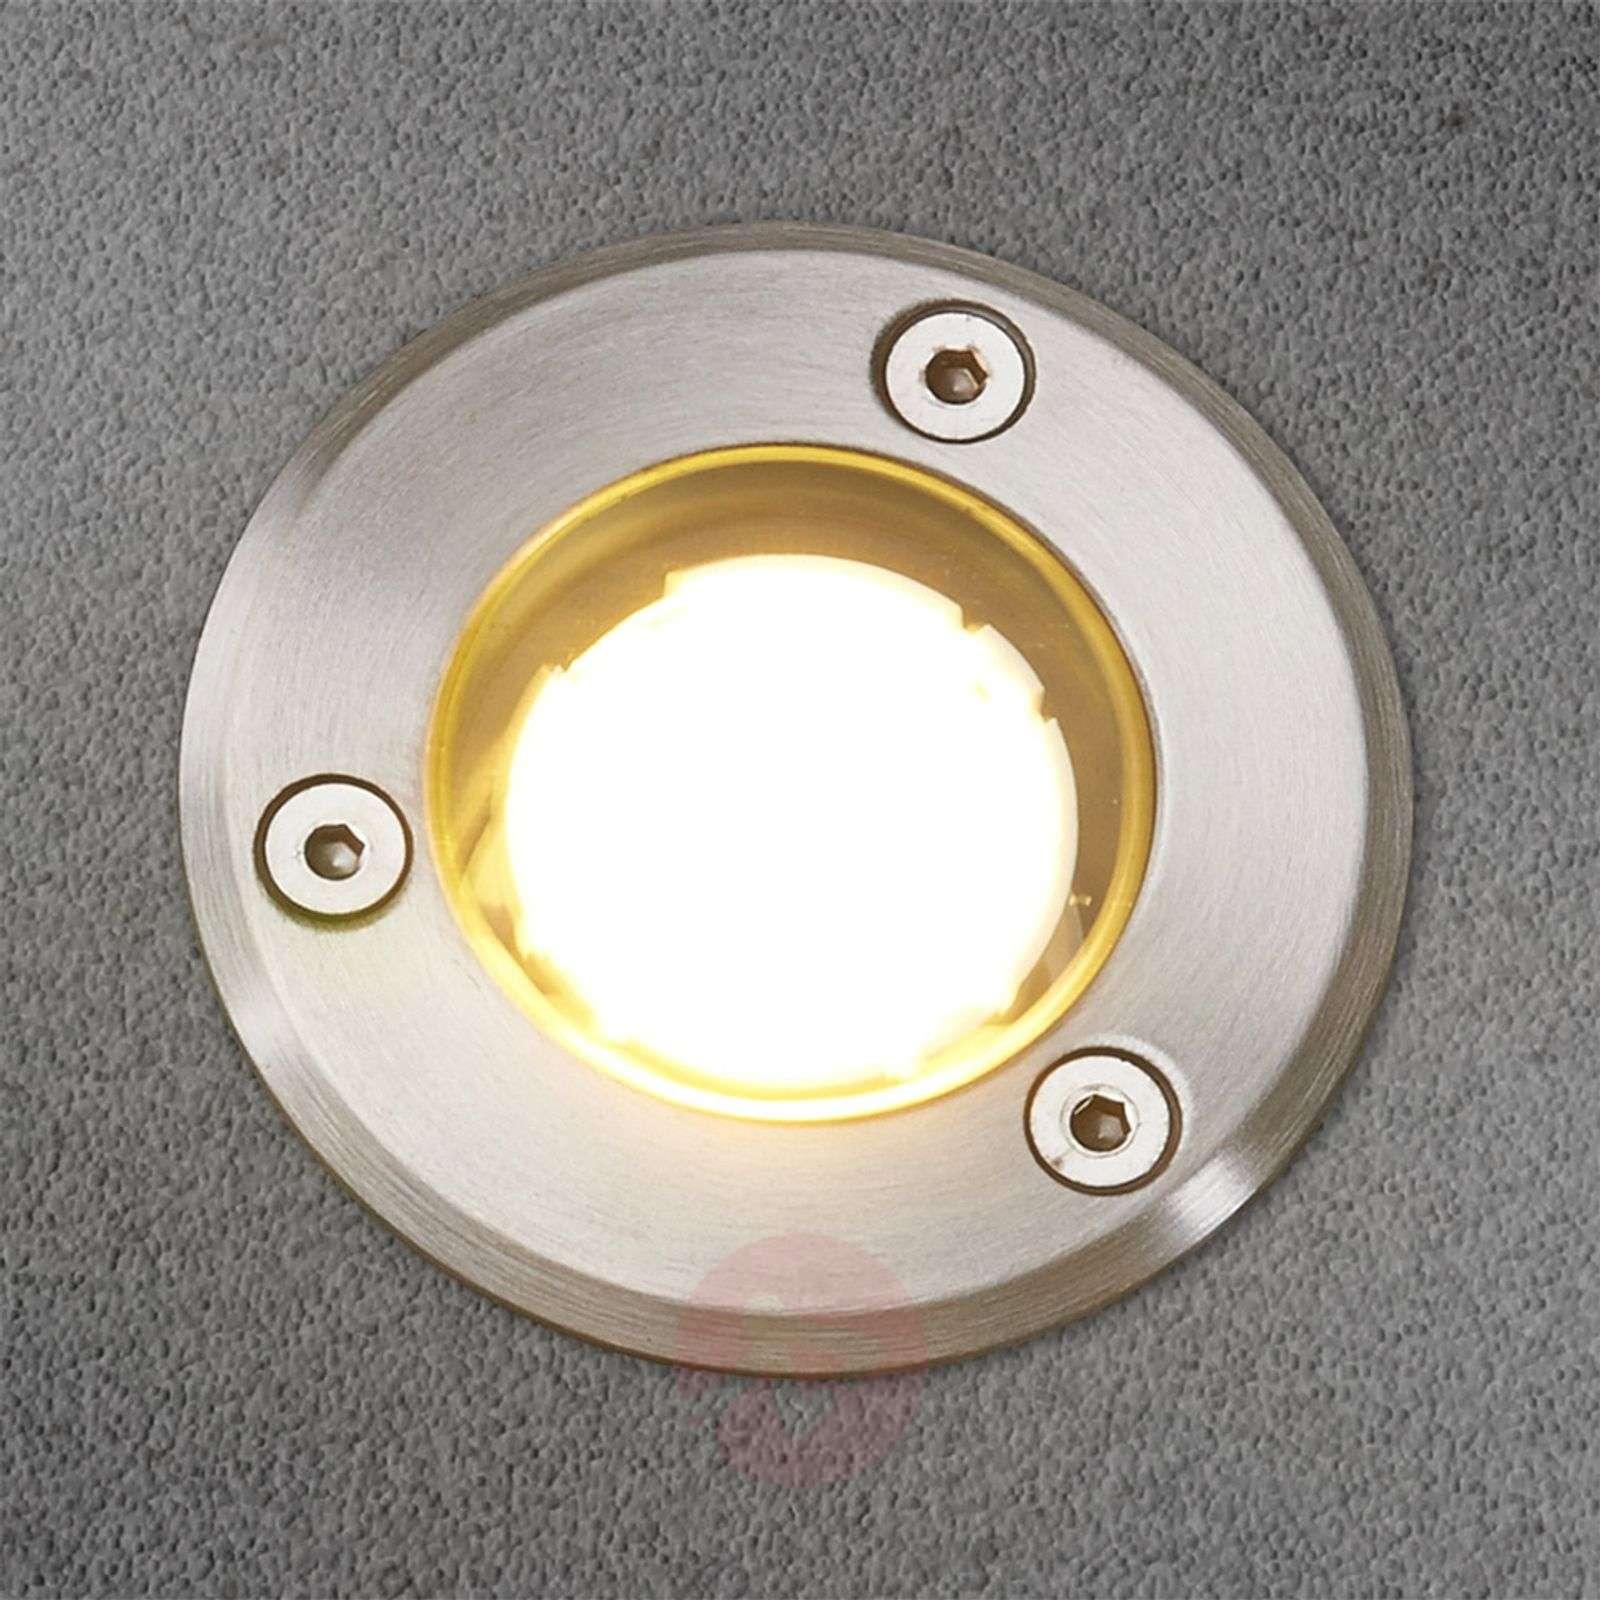 IP67 LED-lattiaspotti Kenan, ruostumatonta terästä-9616035-03